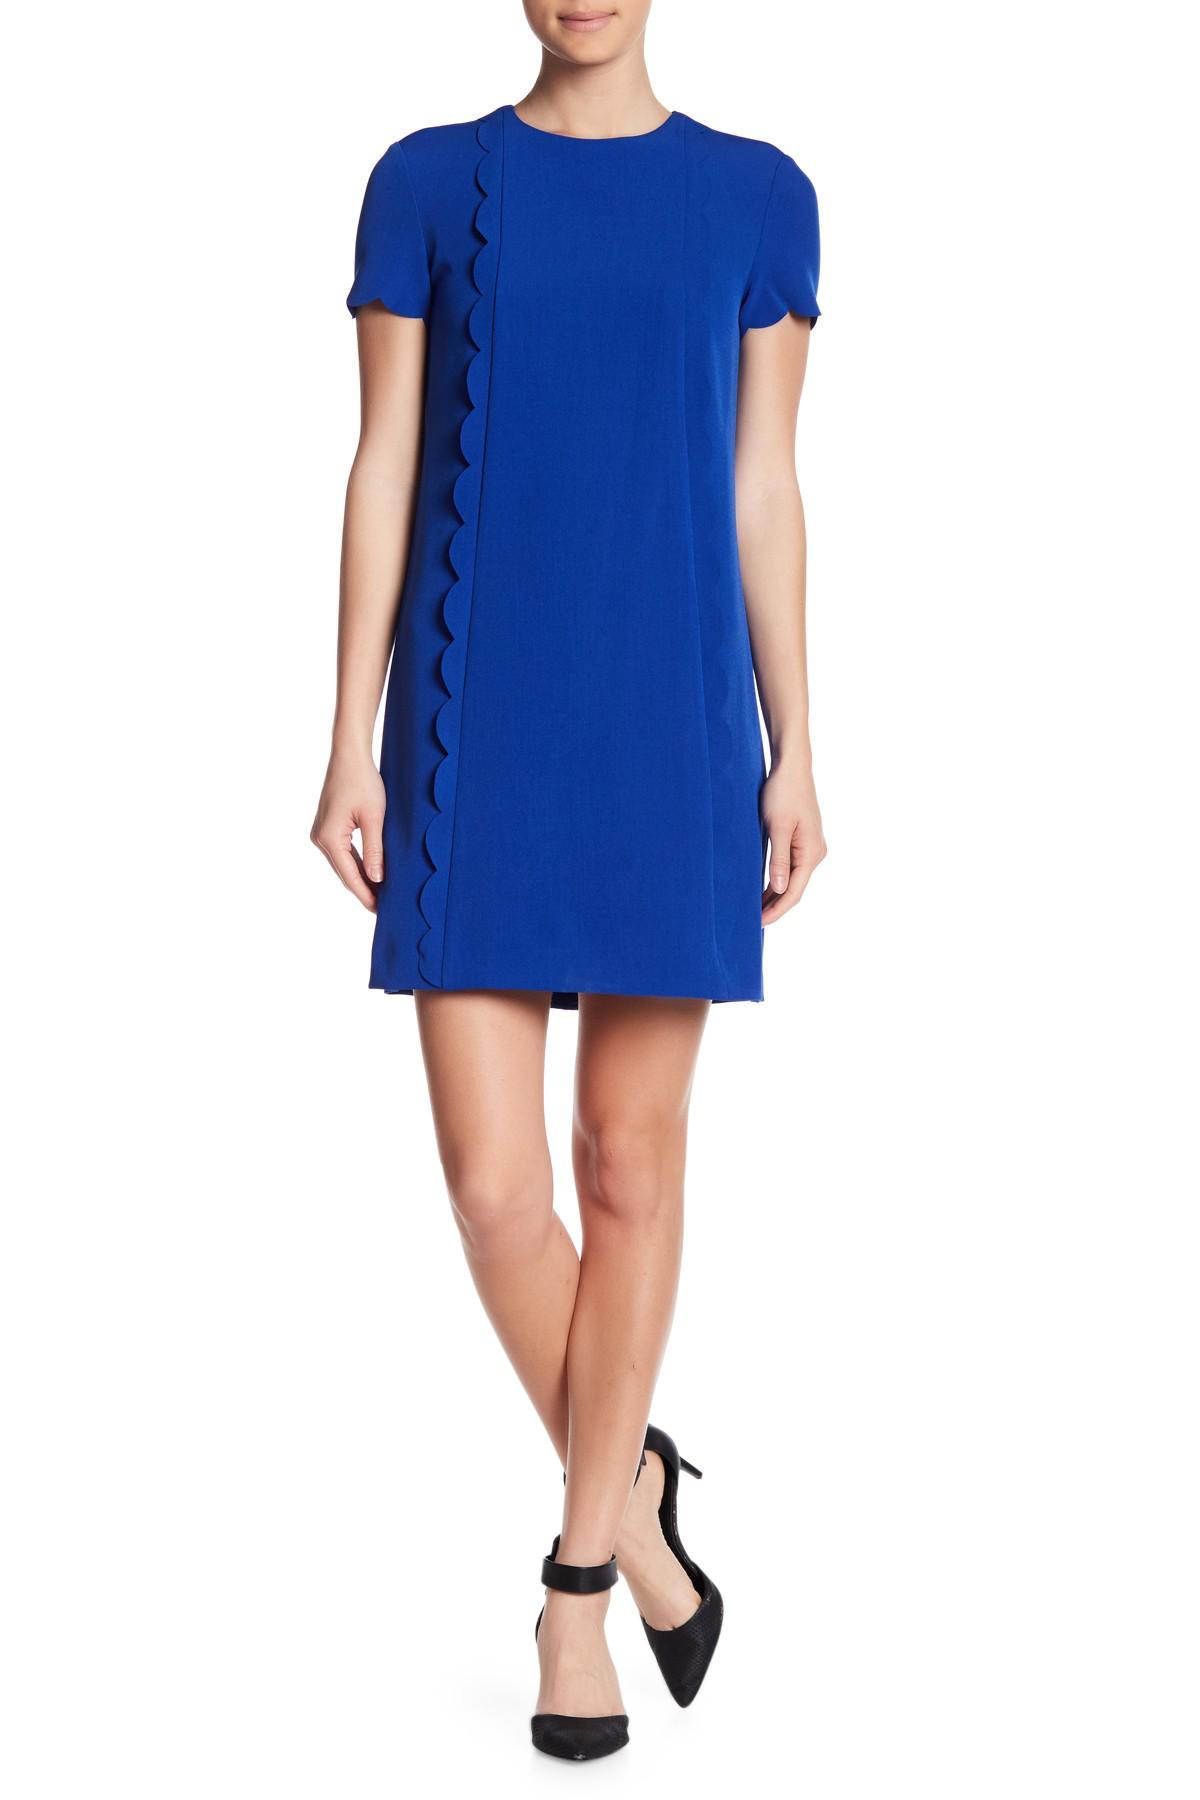 55b4edd4b99a8 Tahari Scalloped Short Sleeve Shift Dress in Blue - Lyst